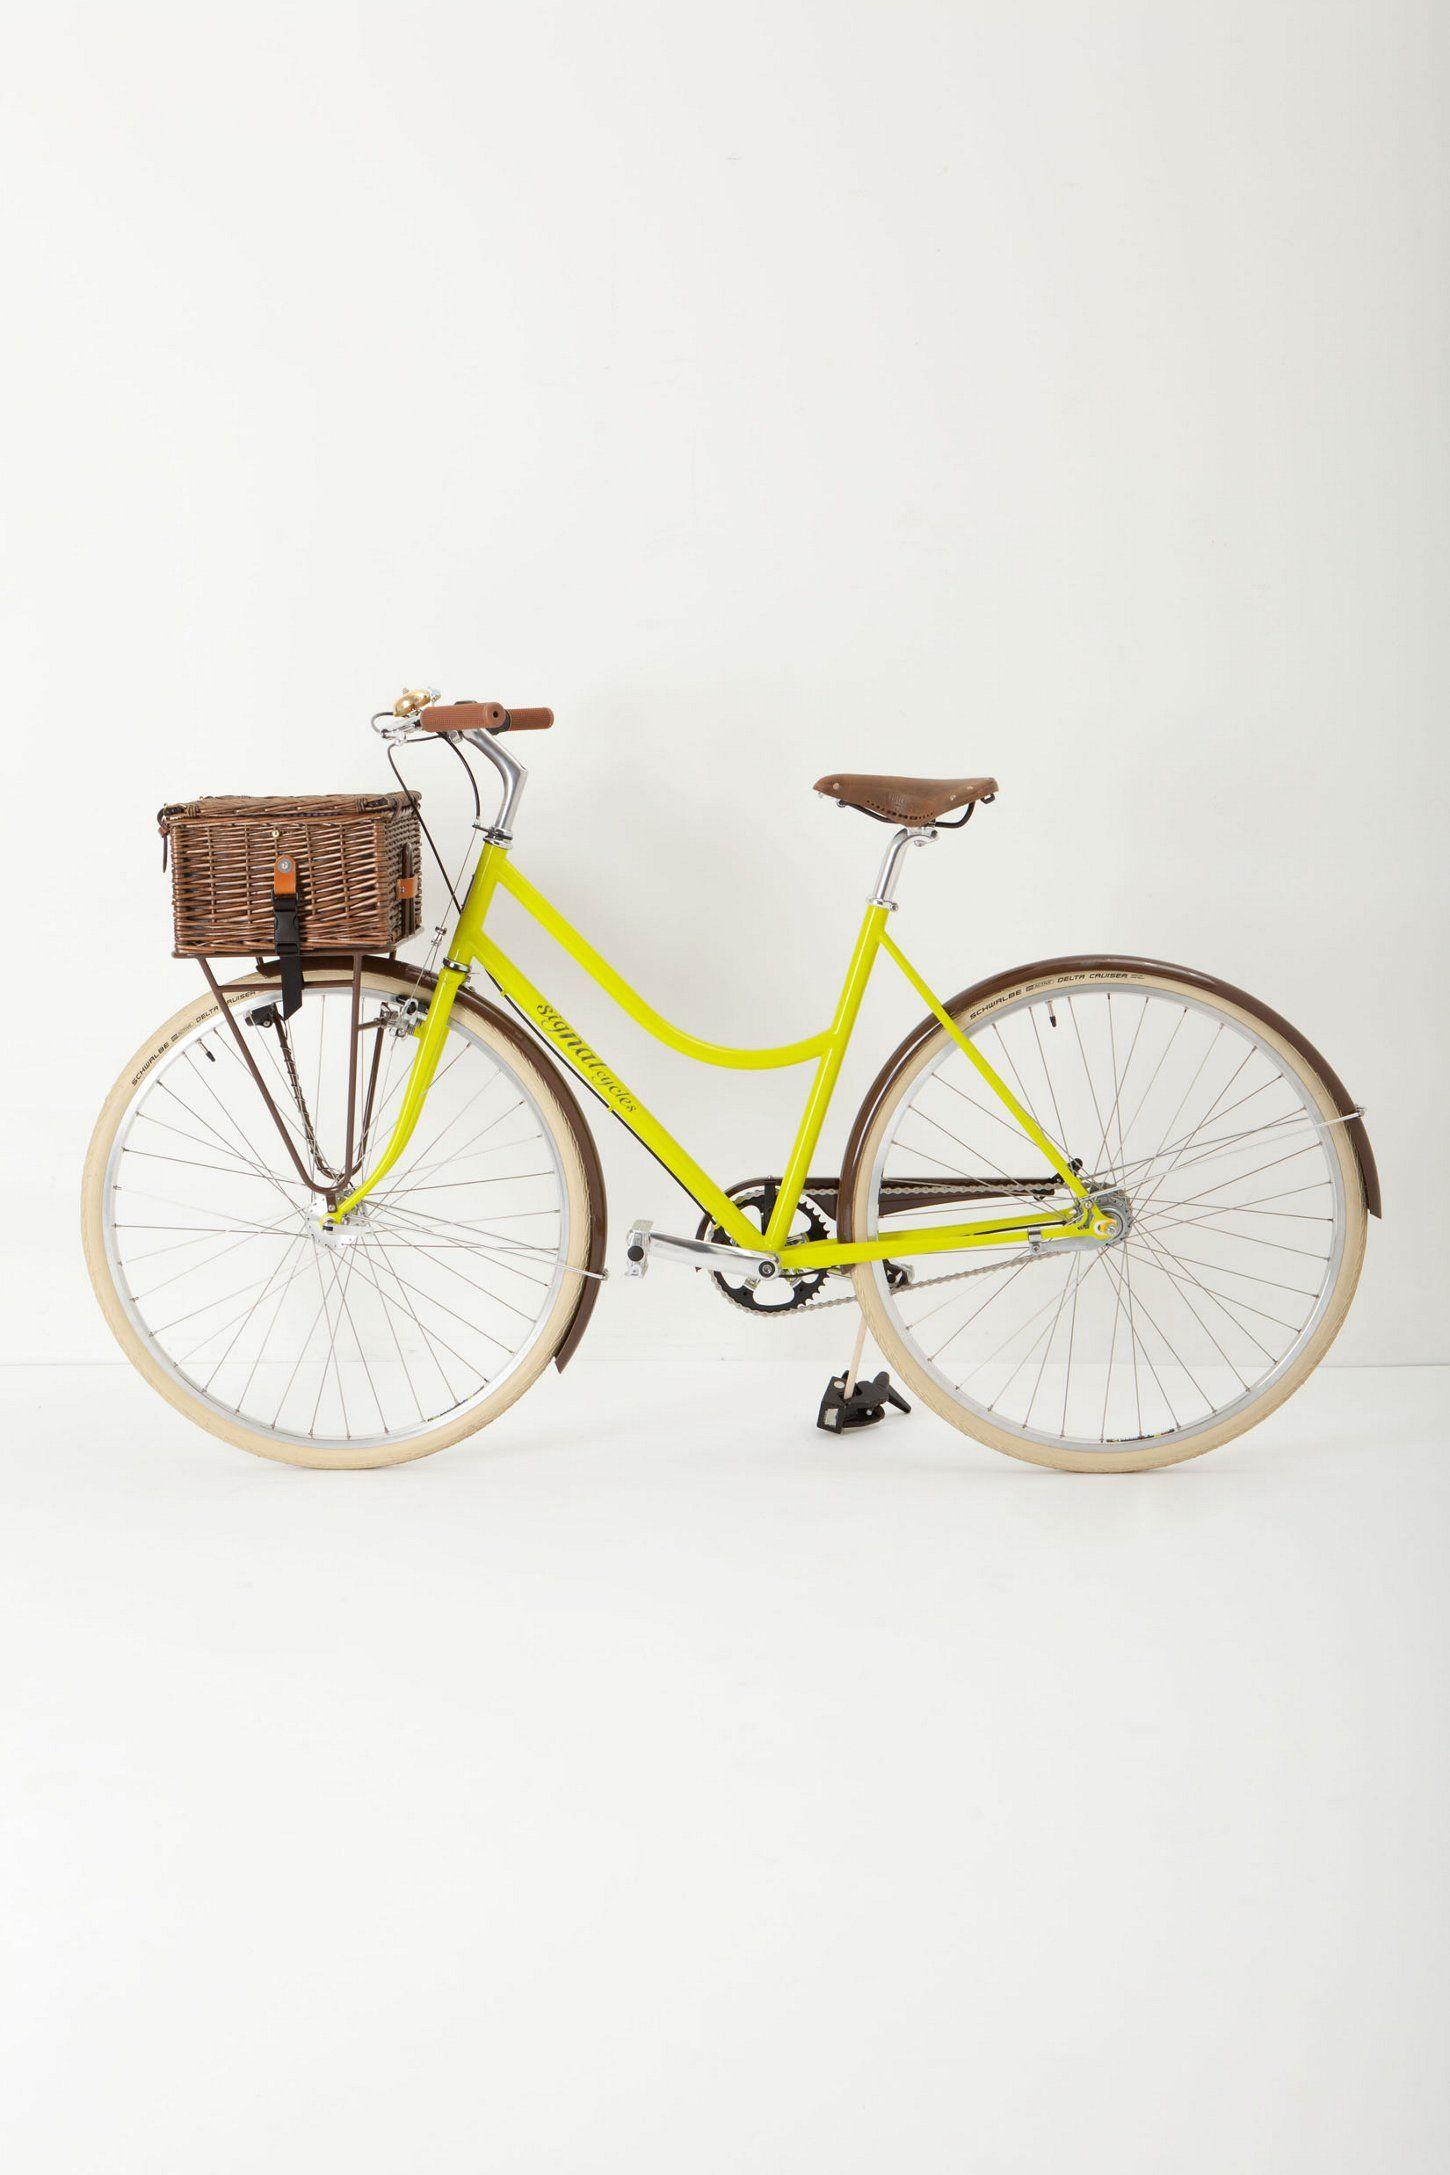 Ridiculous Things I Want For My Birthday Beautiful Bike Bike I